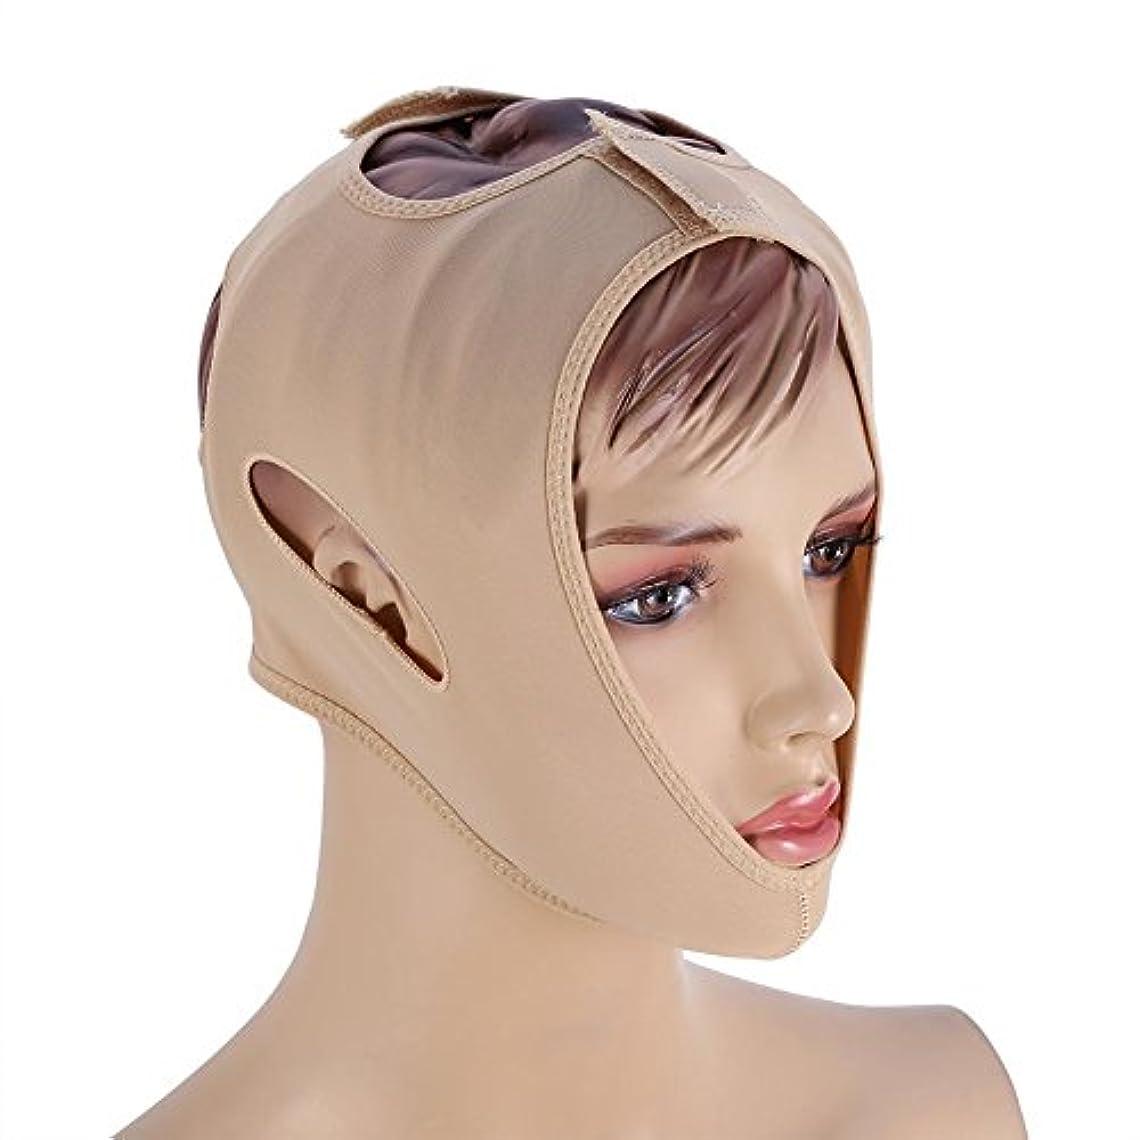 レーニン主義医療の慎重にフェイスベルト 額、顎下、頬リフトアップ 小顔 美顔 頬のたるみ 引き上げマスク便利 伸縮性 繊維 (L码)